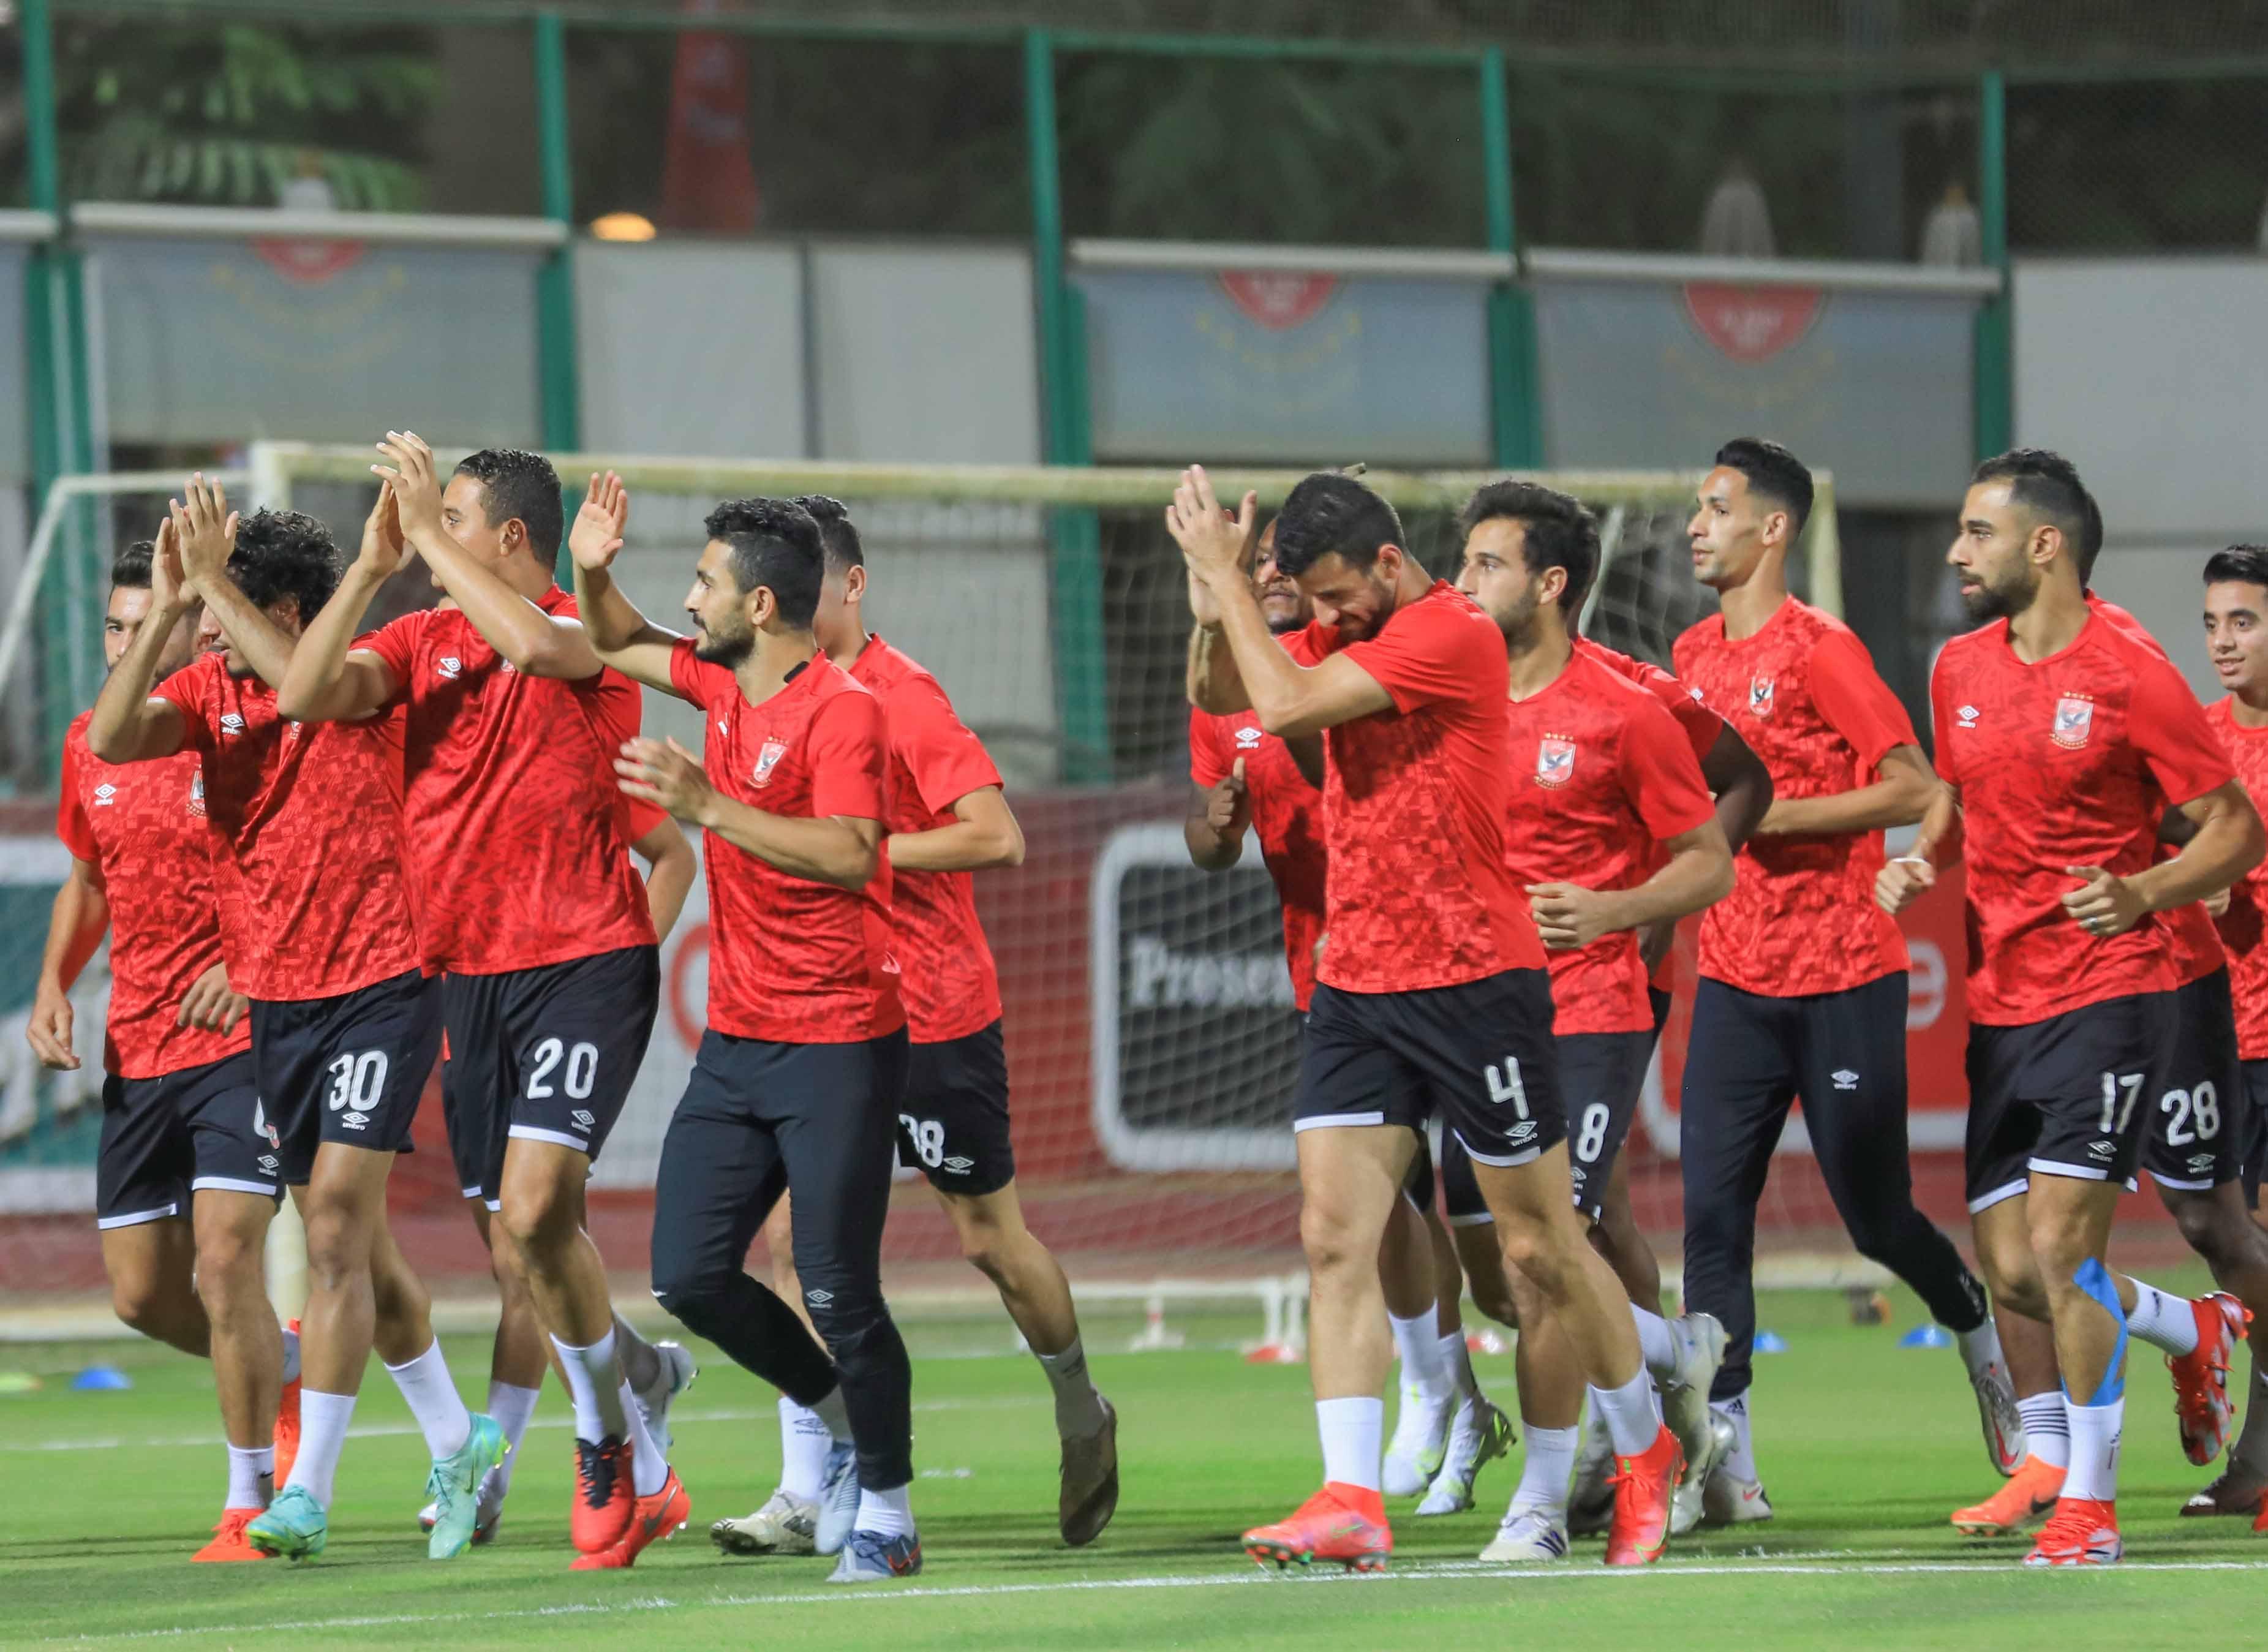 الدوري الممتاز| الفريق يستأنف تدريباته استعدادًا لمباراة «البنك الأهلي»